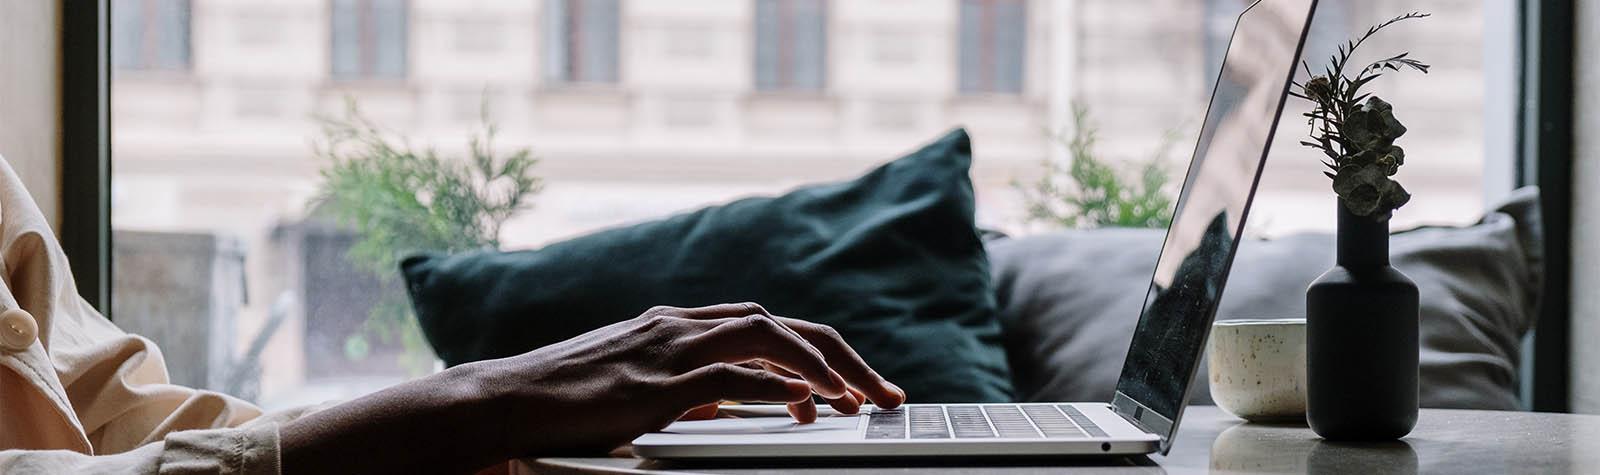 Hoe kun je omgaan met digitale nalatenschap?